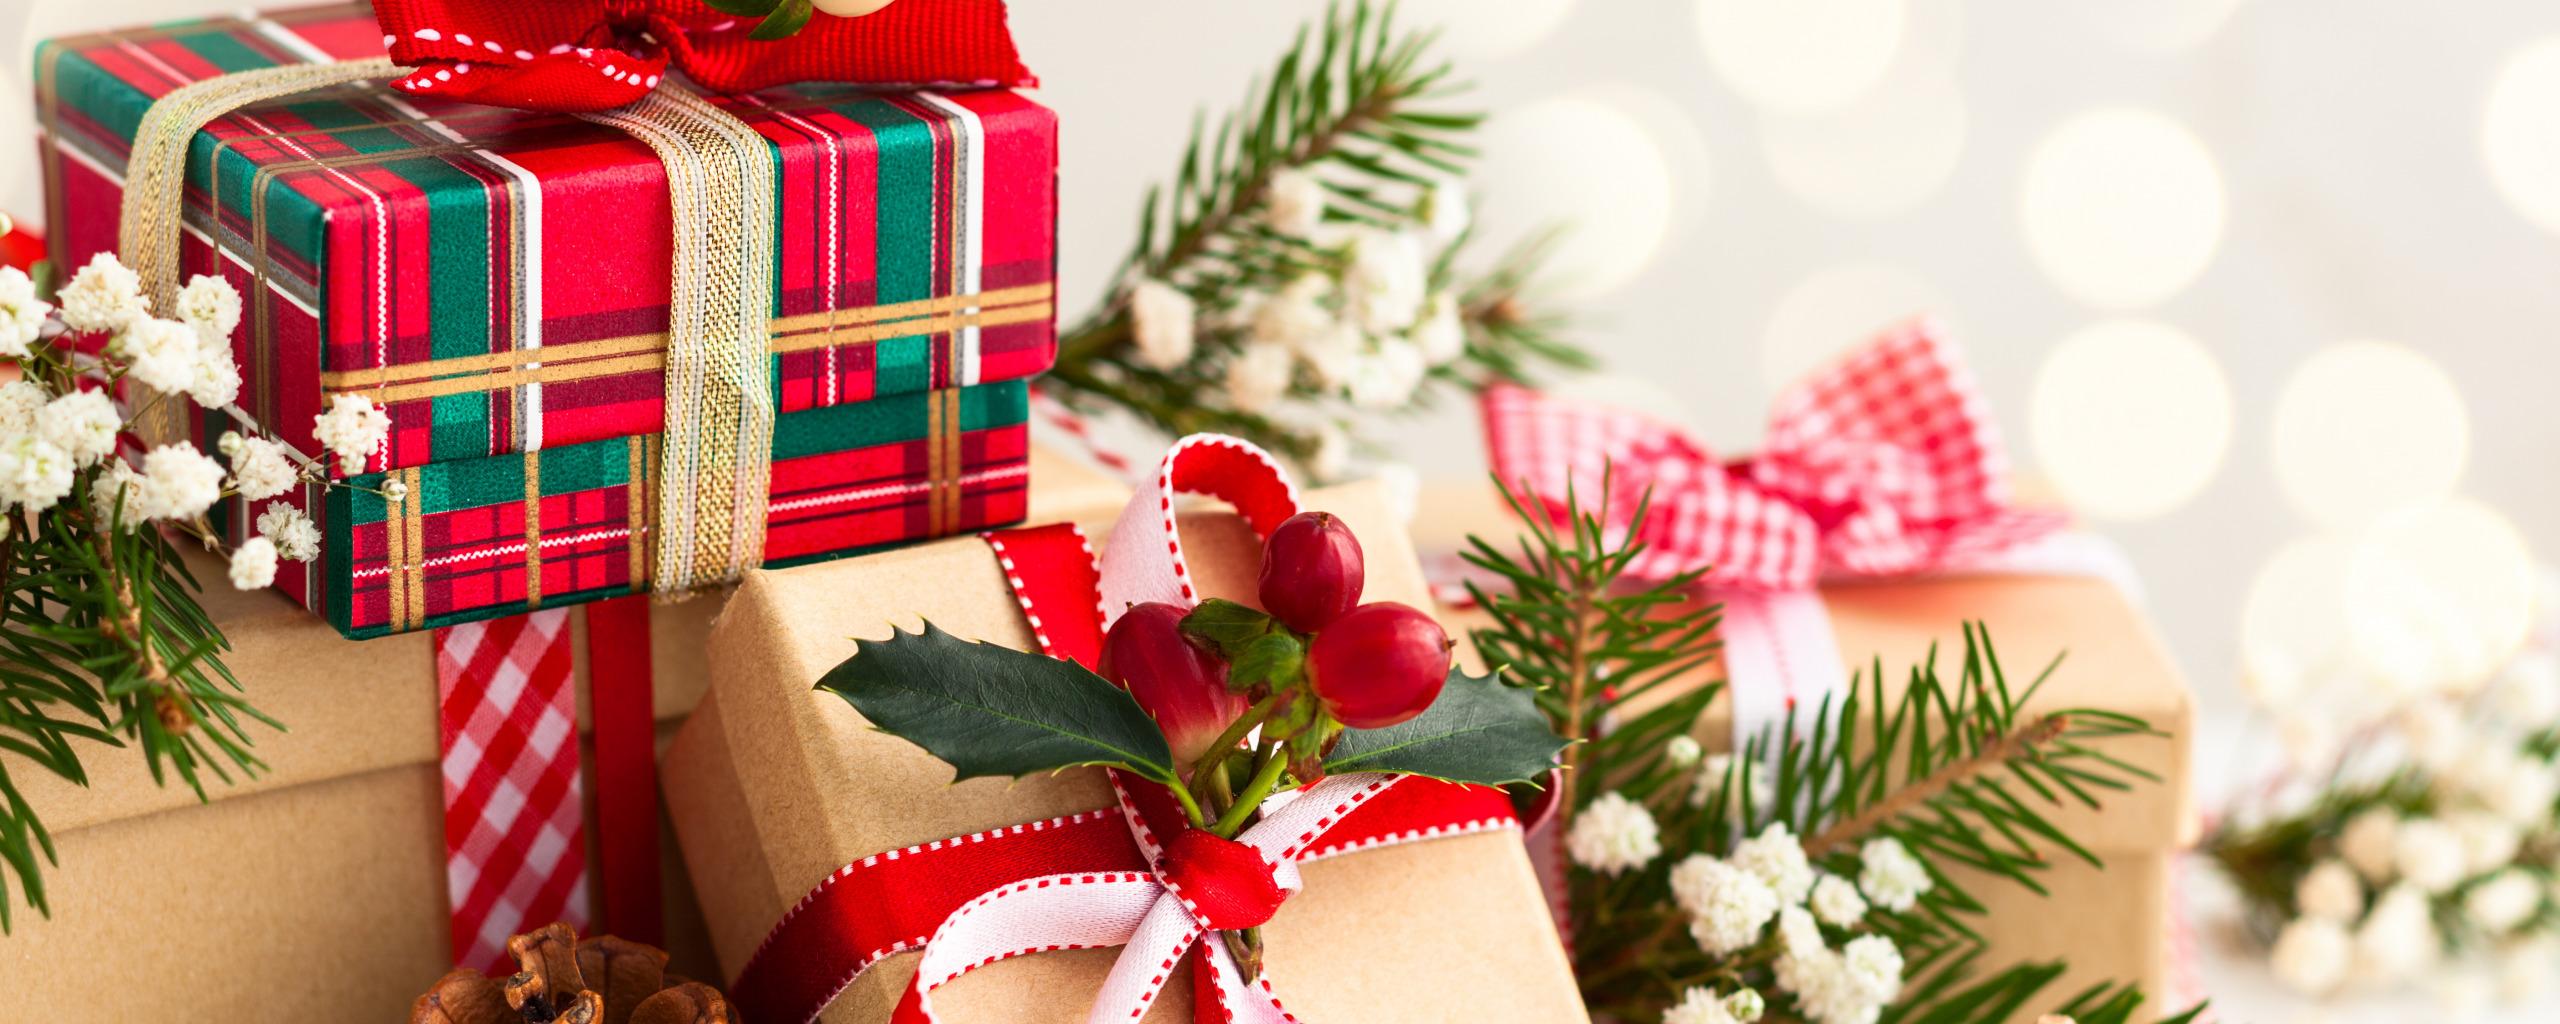 цвет оформления новогодних поздравлений началась раздача подарков моющие средства